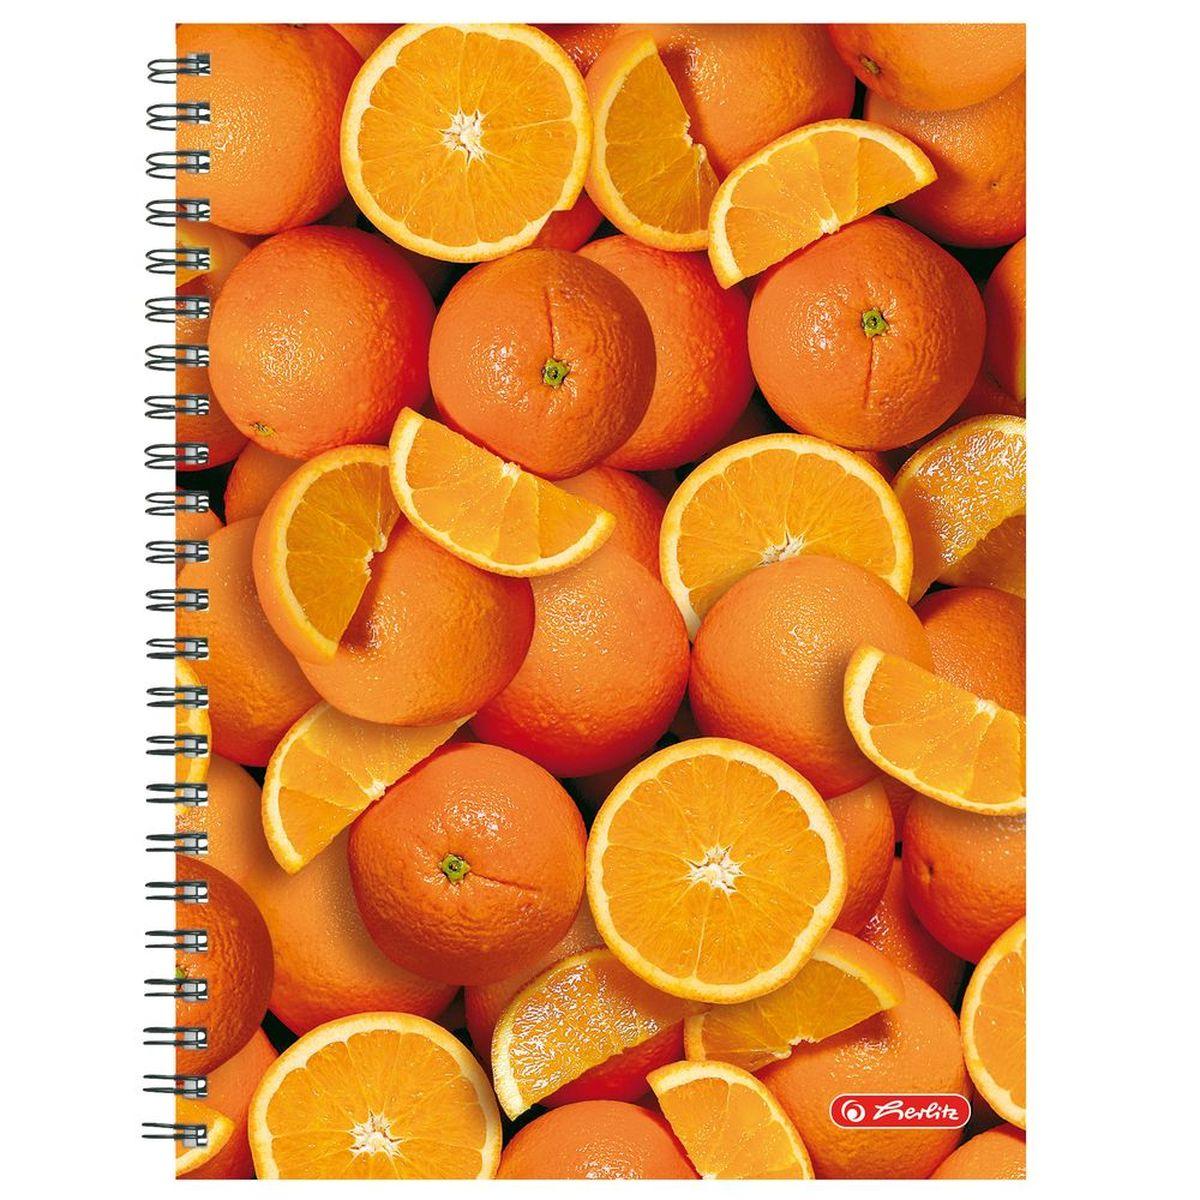 Herlitz Тетрадь Апельсины 70 листов в клетку формат А410887537Удобная тетрадь Herlitz Апельсины - незаменимый атрибут современного человека, необходимый для рабочих или школьных записей.Тетрадь содержит 70 листов формата А4 в клетку без полей со внутренней разделительной полосой. Обложка выполнена из качественного ламинированного картона с ярким фруктовым дизайном. Внутренний спиральный блок изготовлен из металла и гарантирует надежное крепление листов.Тетрадь для записей Herlitz Апельсины станет достойным аксессуаром среди ваших канцелярских принадлежностей. Это отличный подарок как коллеге или деловому партнеру, так и близким людям.